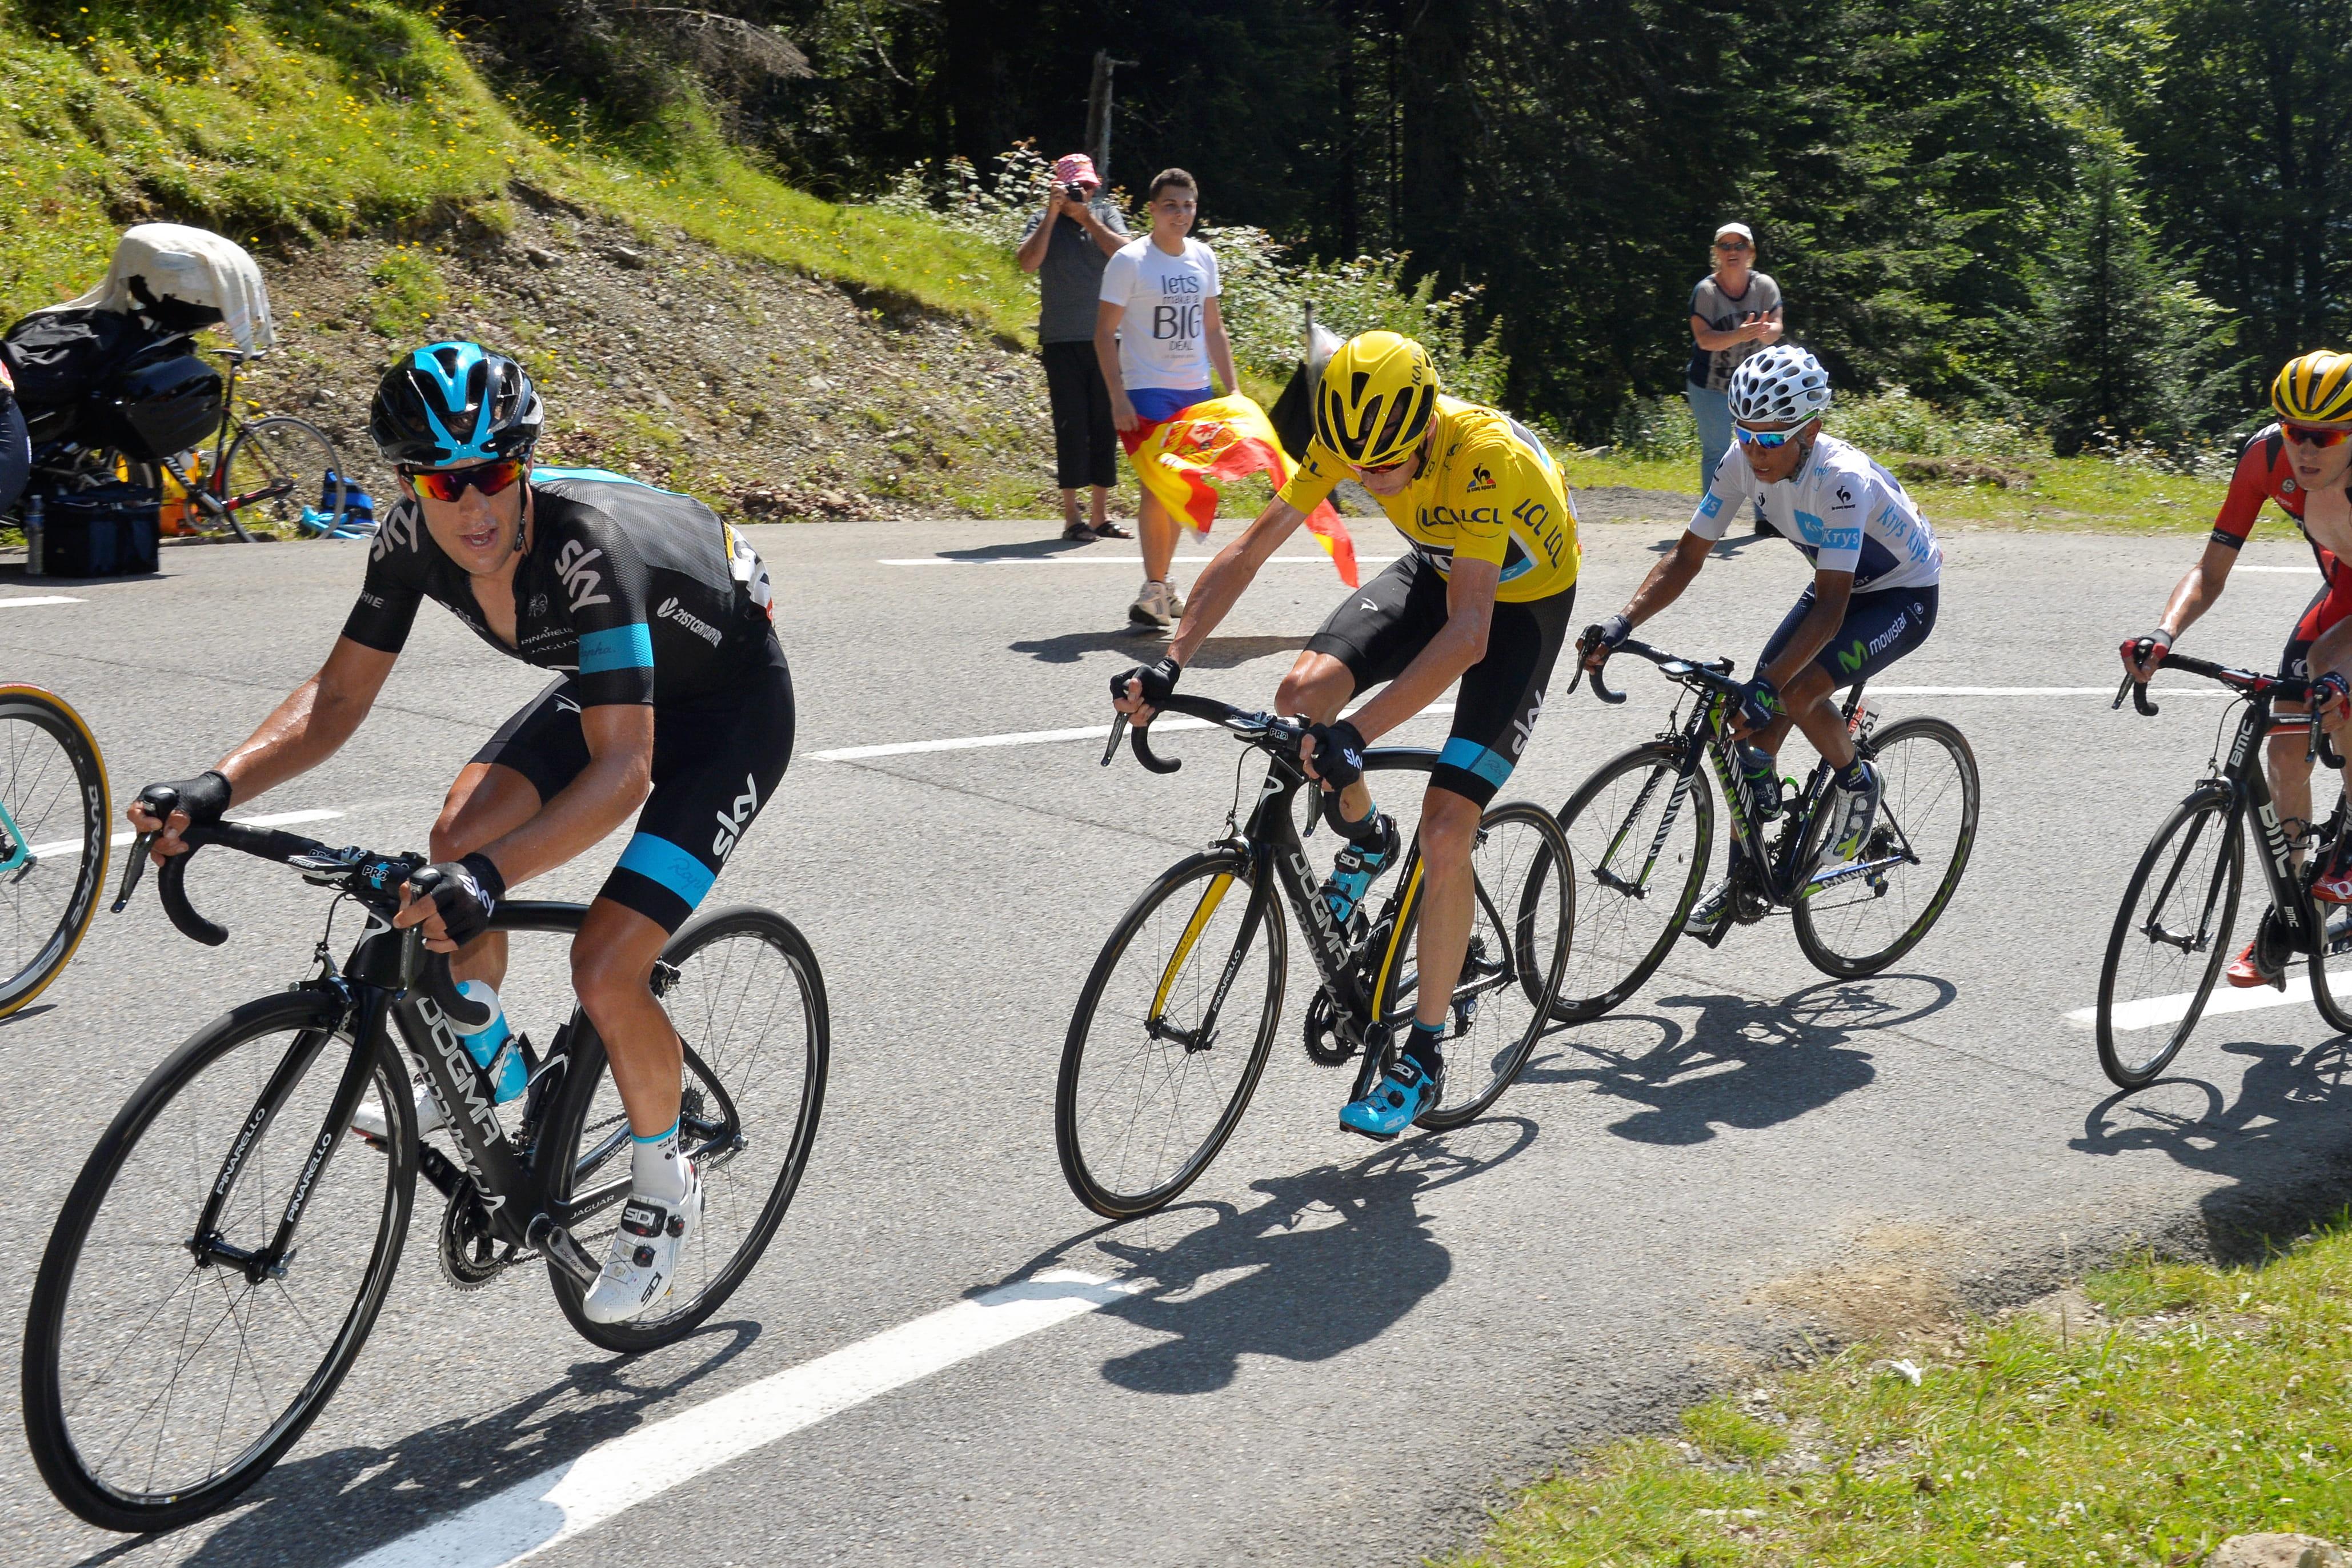 TOUR DE FRANCE - Le parcours du Tour de France 2017, dévoilé dans ...